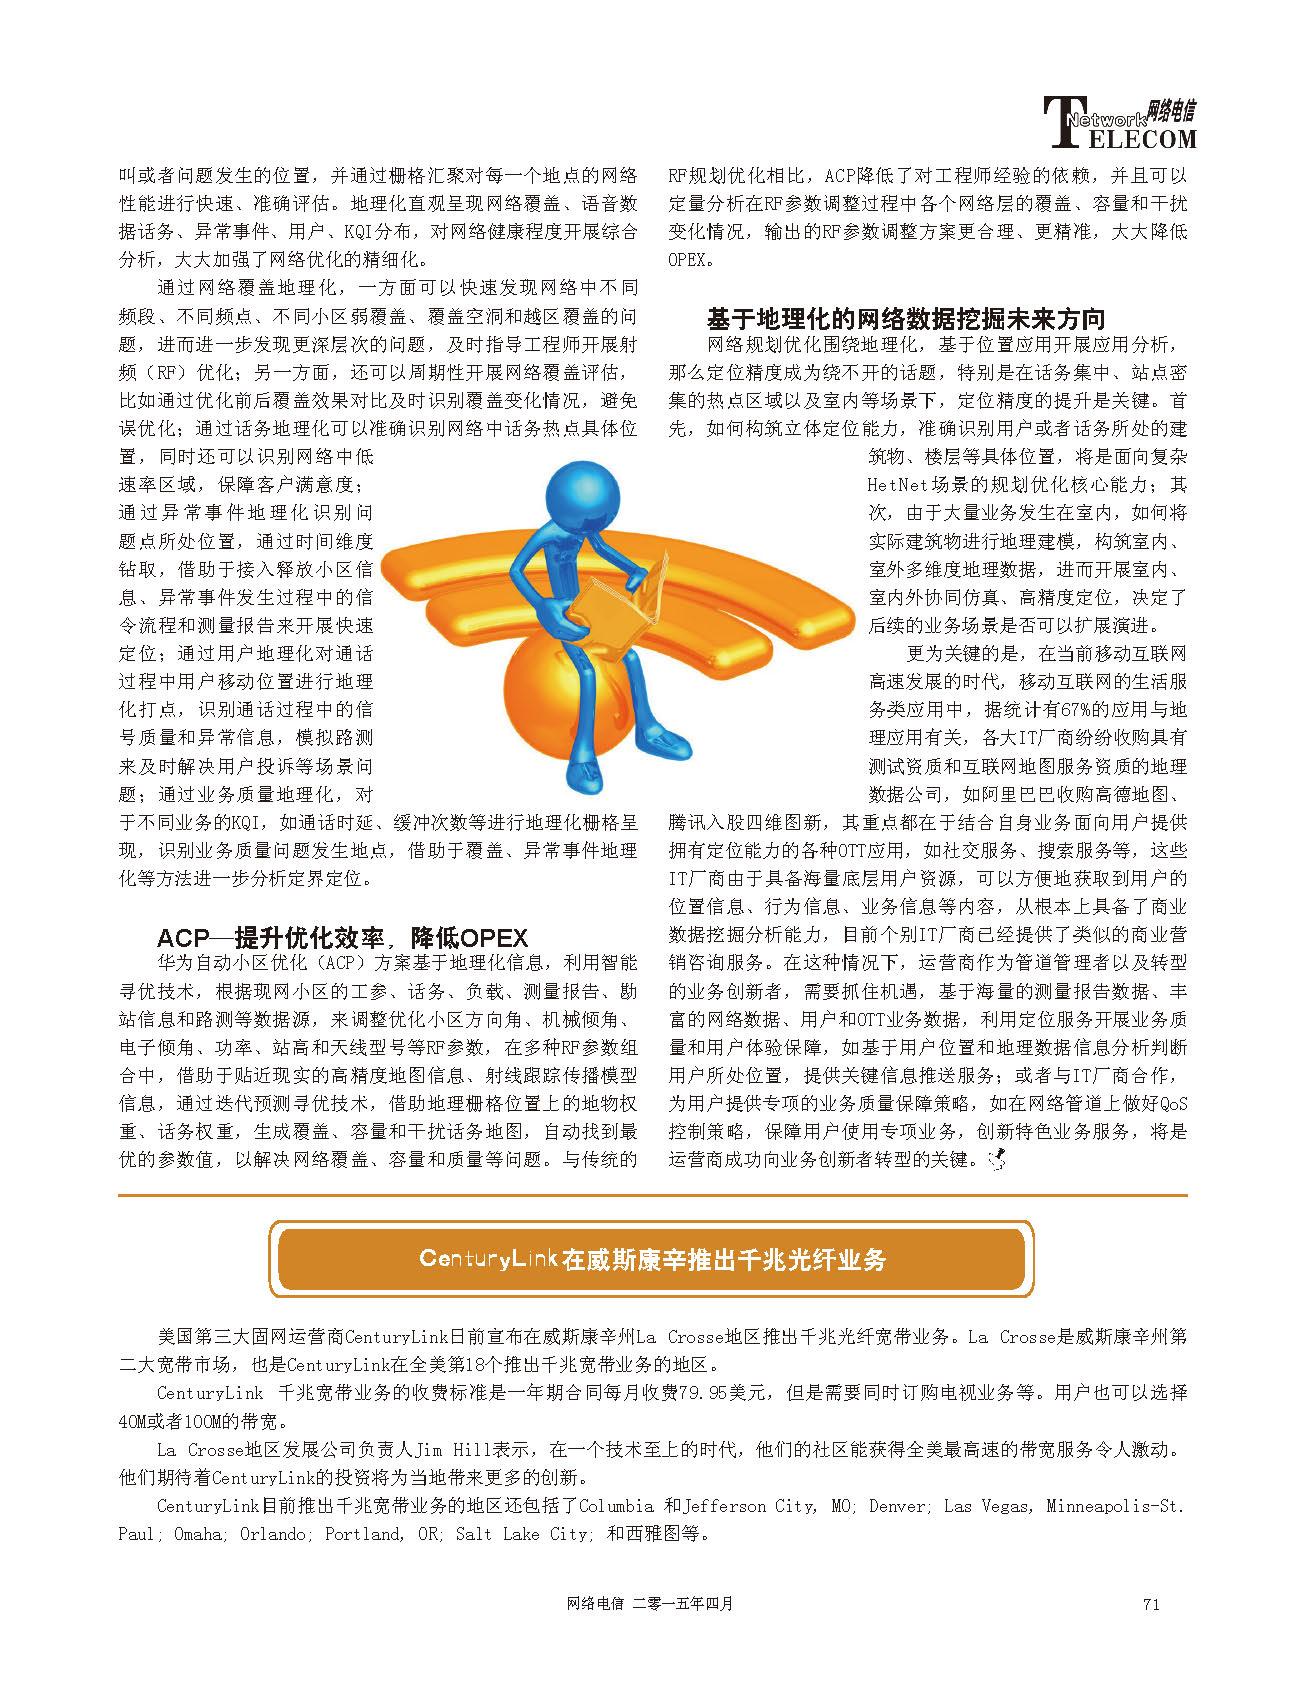 电信2015-04_页面_71.jpg